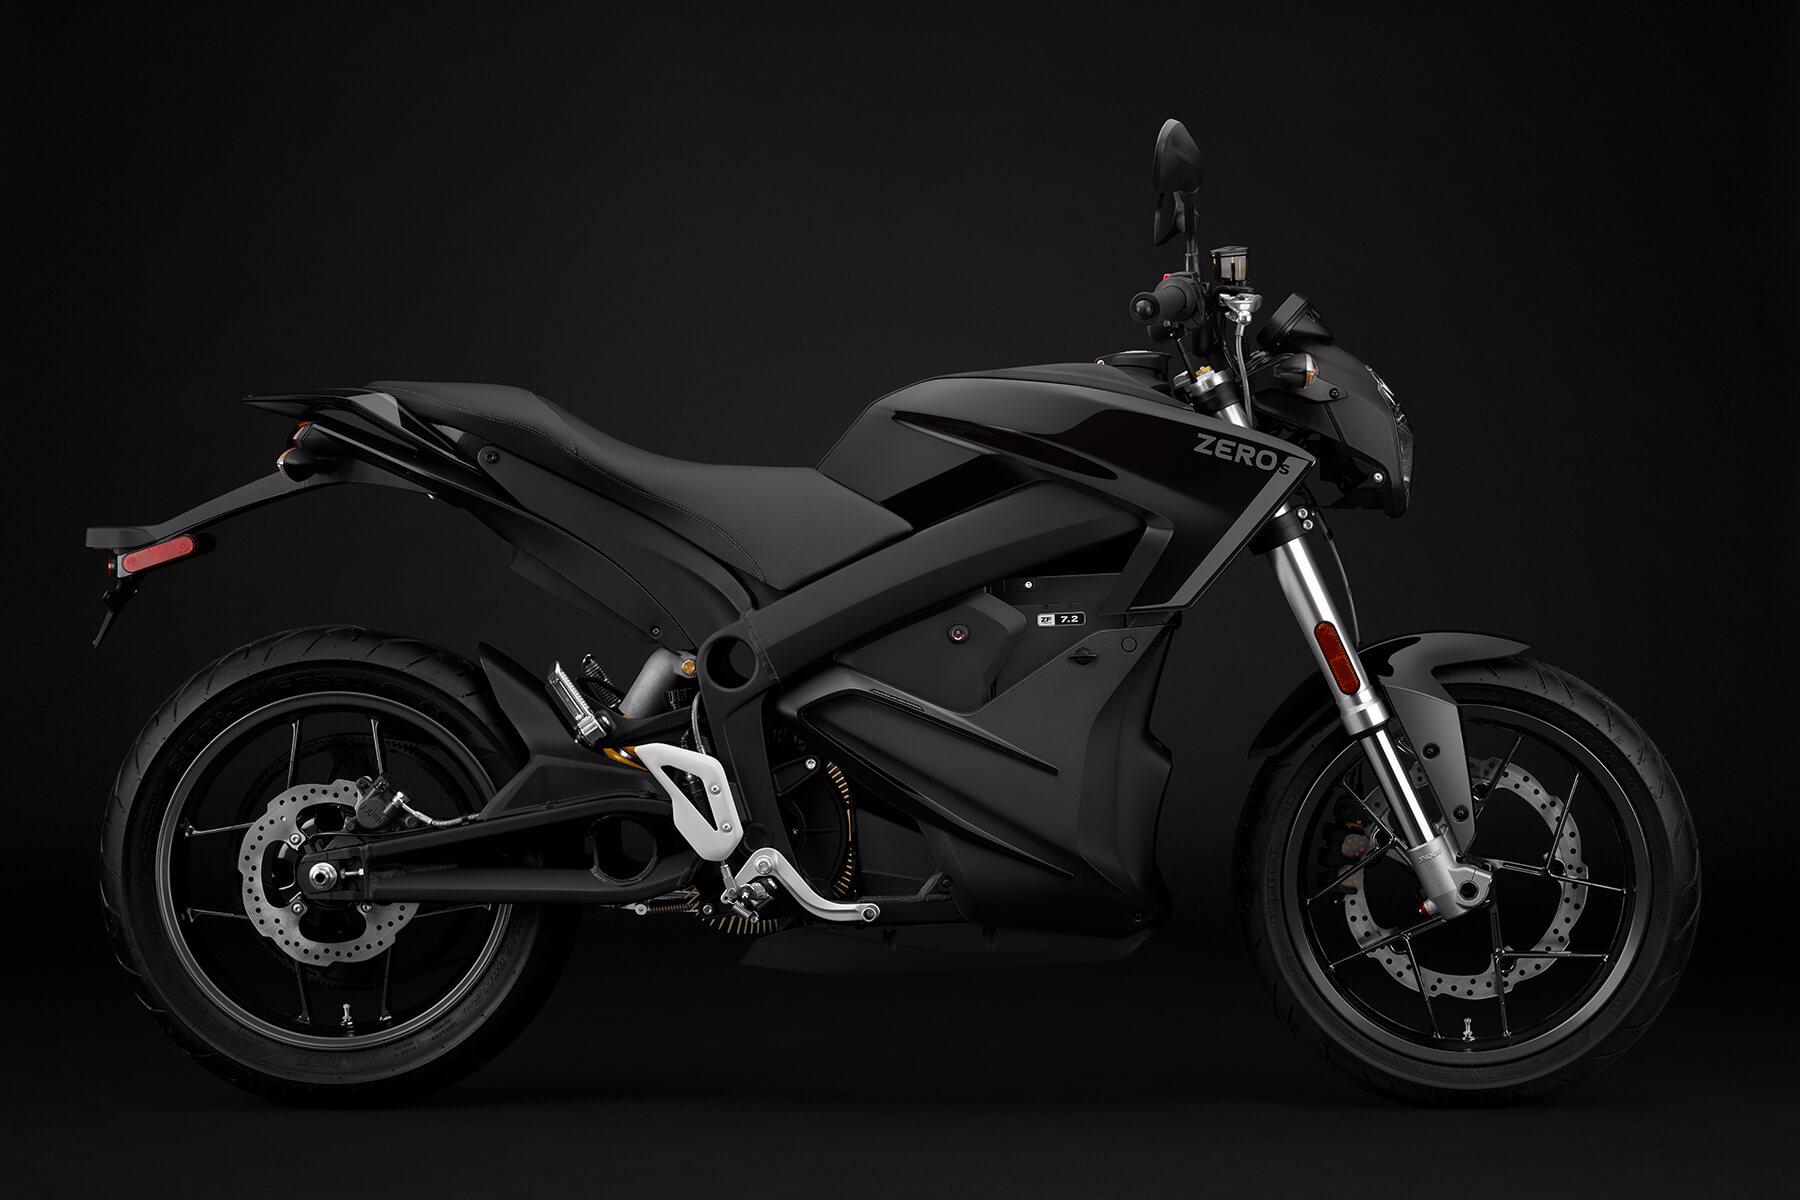 2019 Zero S ZF14.4 +Power Tank Motorcycle UAE's Prices ...